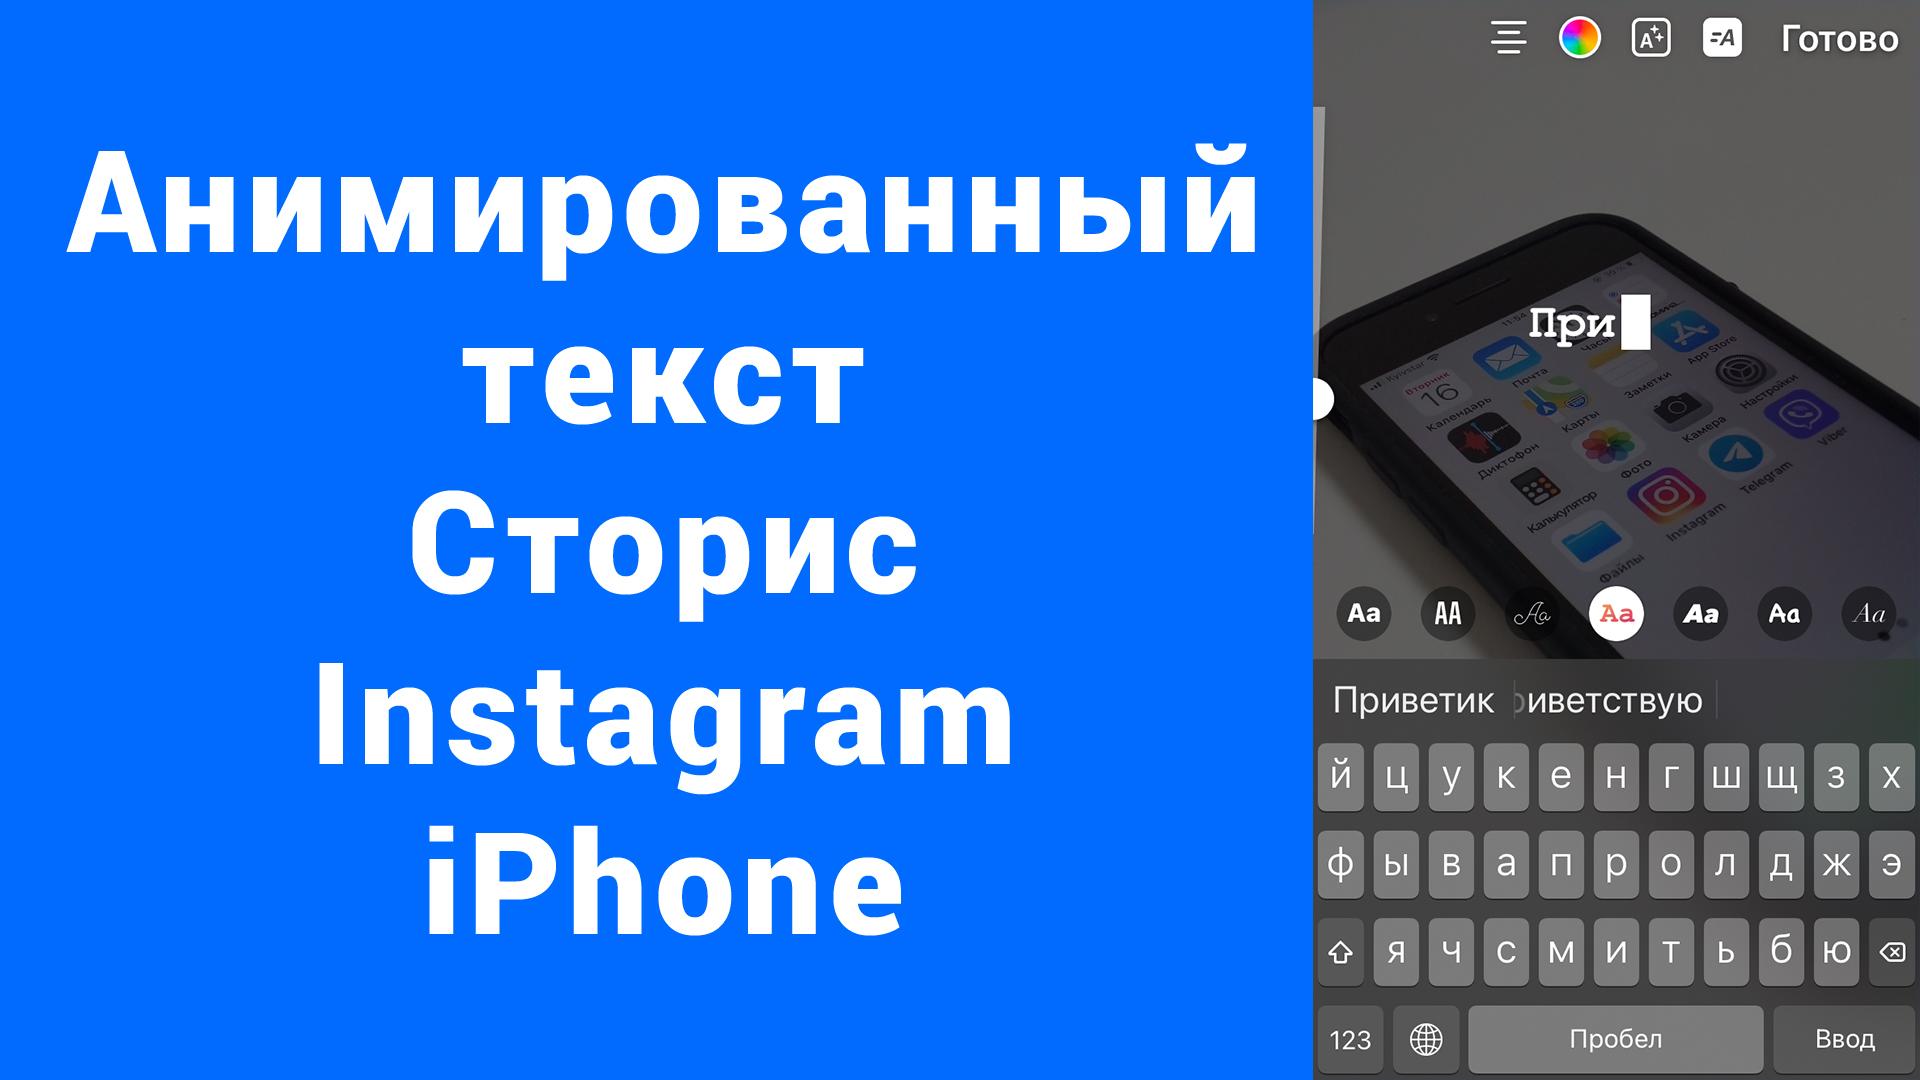 Анимированный живой текст в Instagram iPhone истории